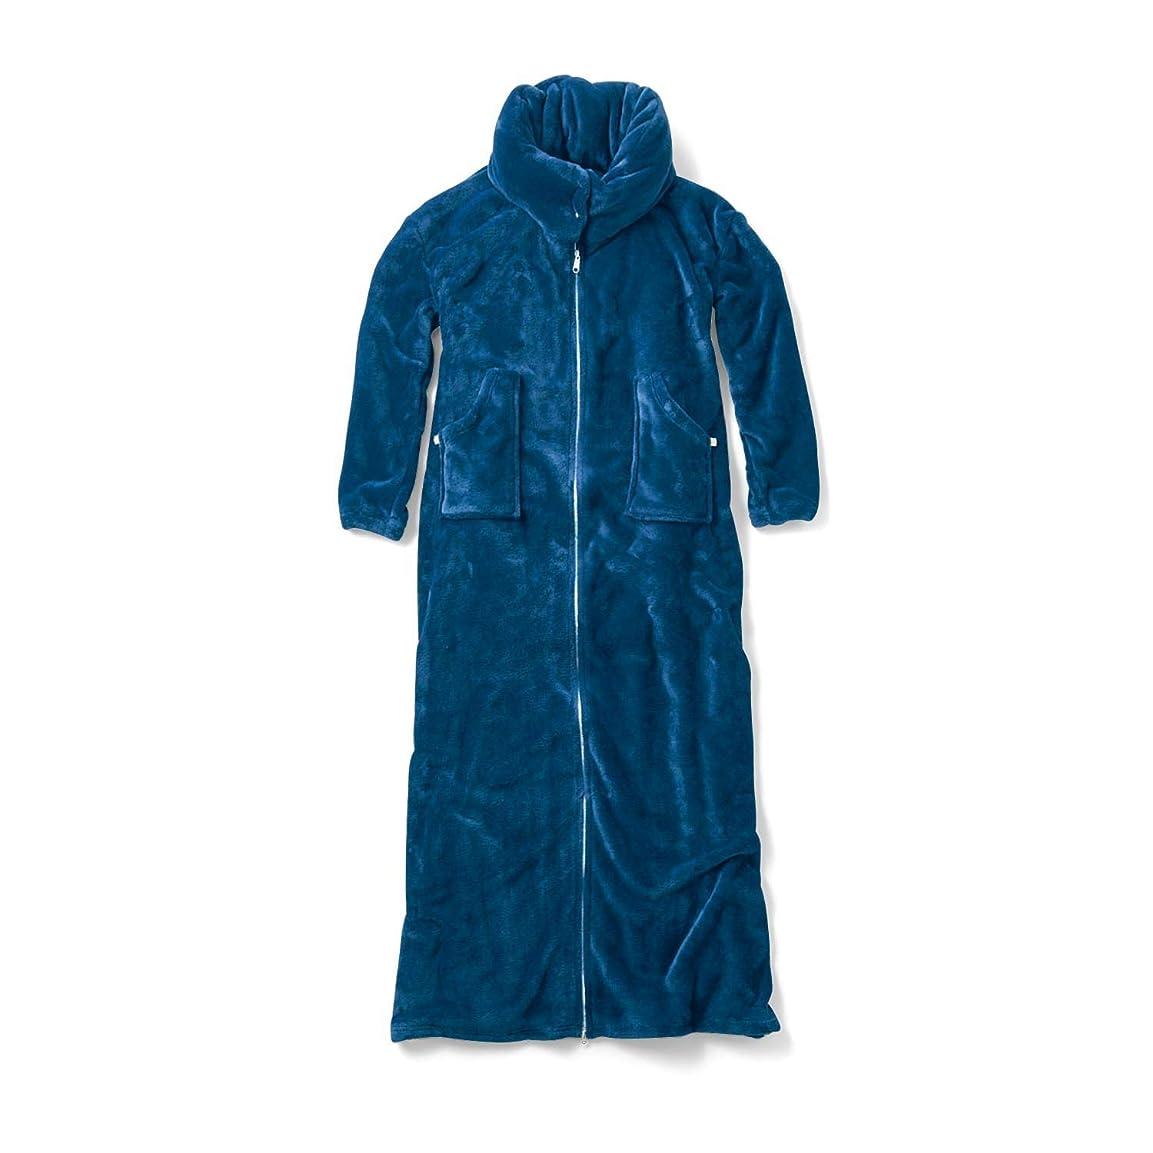 ママ武装解除ライター[ベルメゾン] そのまま寝られる 中わた入り 着る毛布 ネイビー